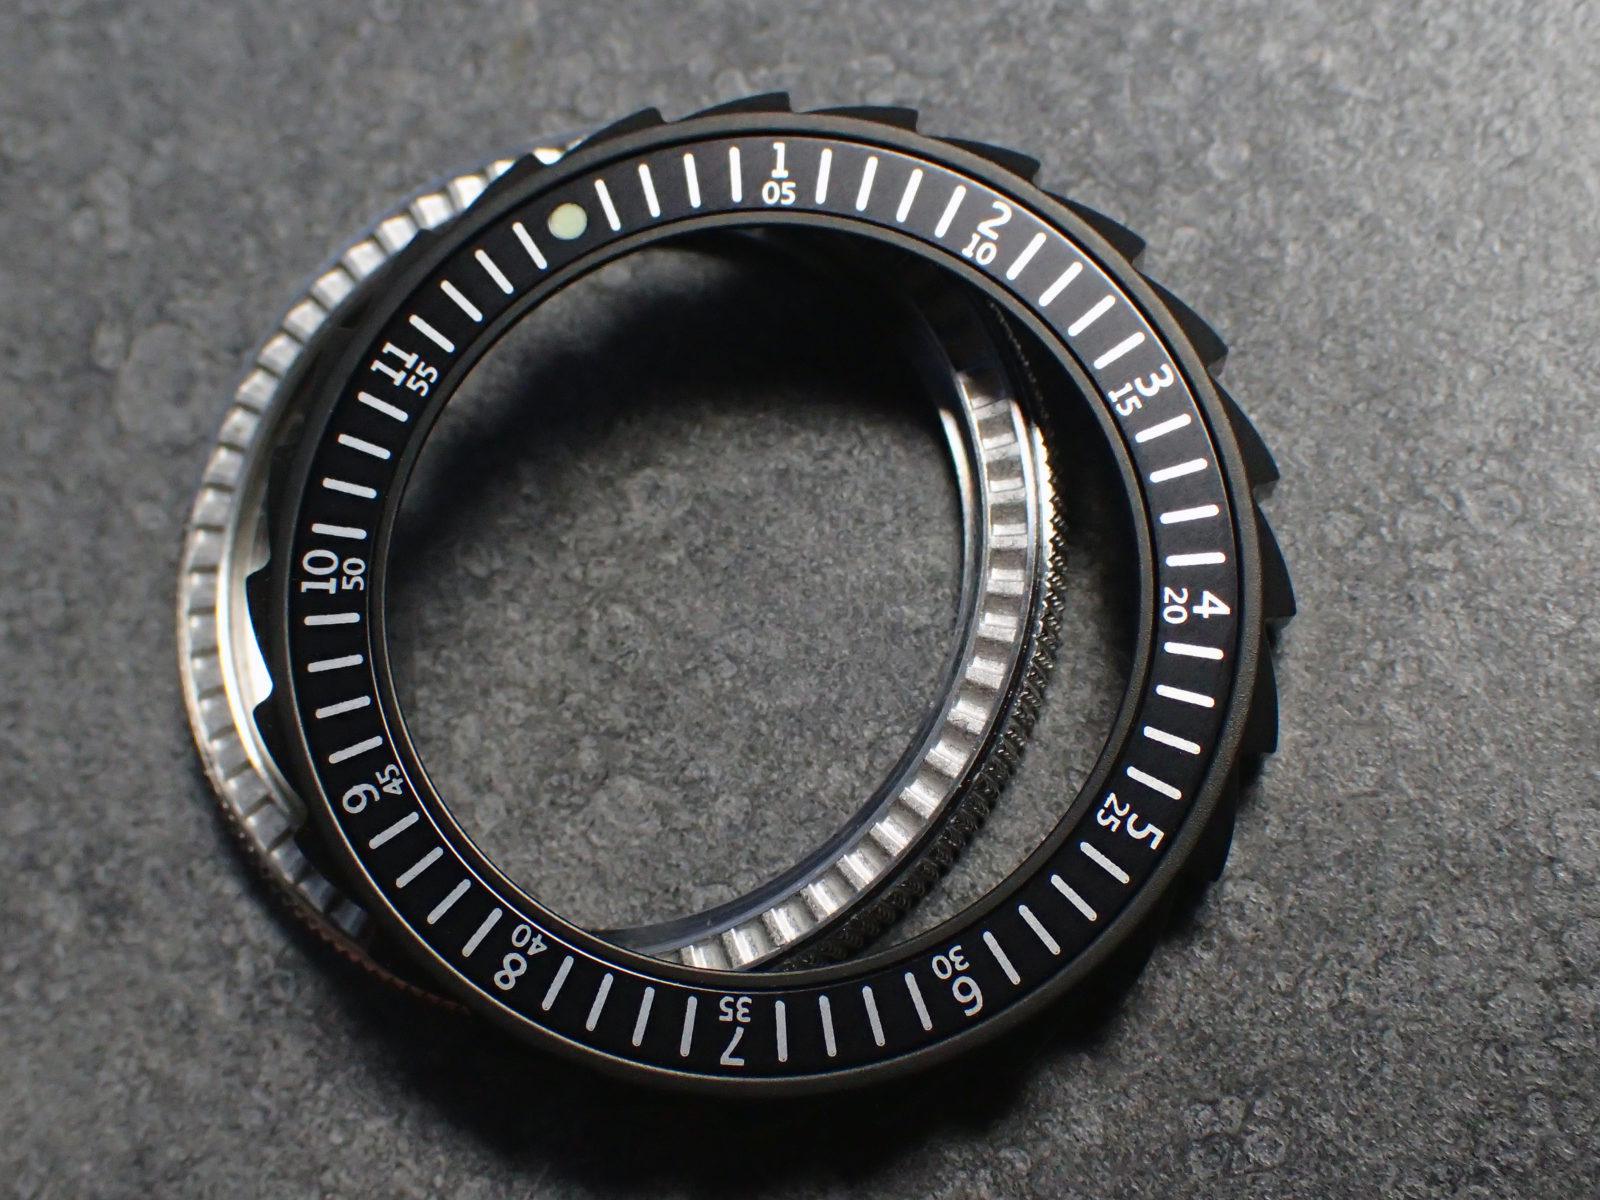 THE   SCANDI   MK 2 - BLACK - ALUMINIUM BEZEL INSERT FOR SEIKO SKX 007 /  VOSTOK Z-04-B